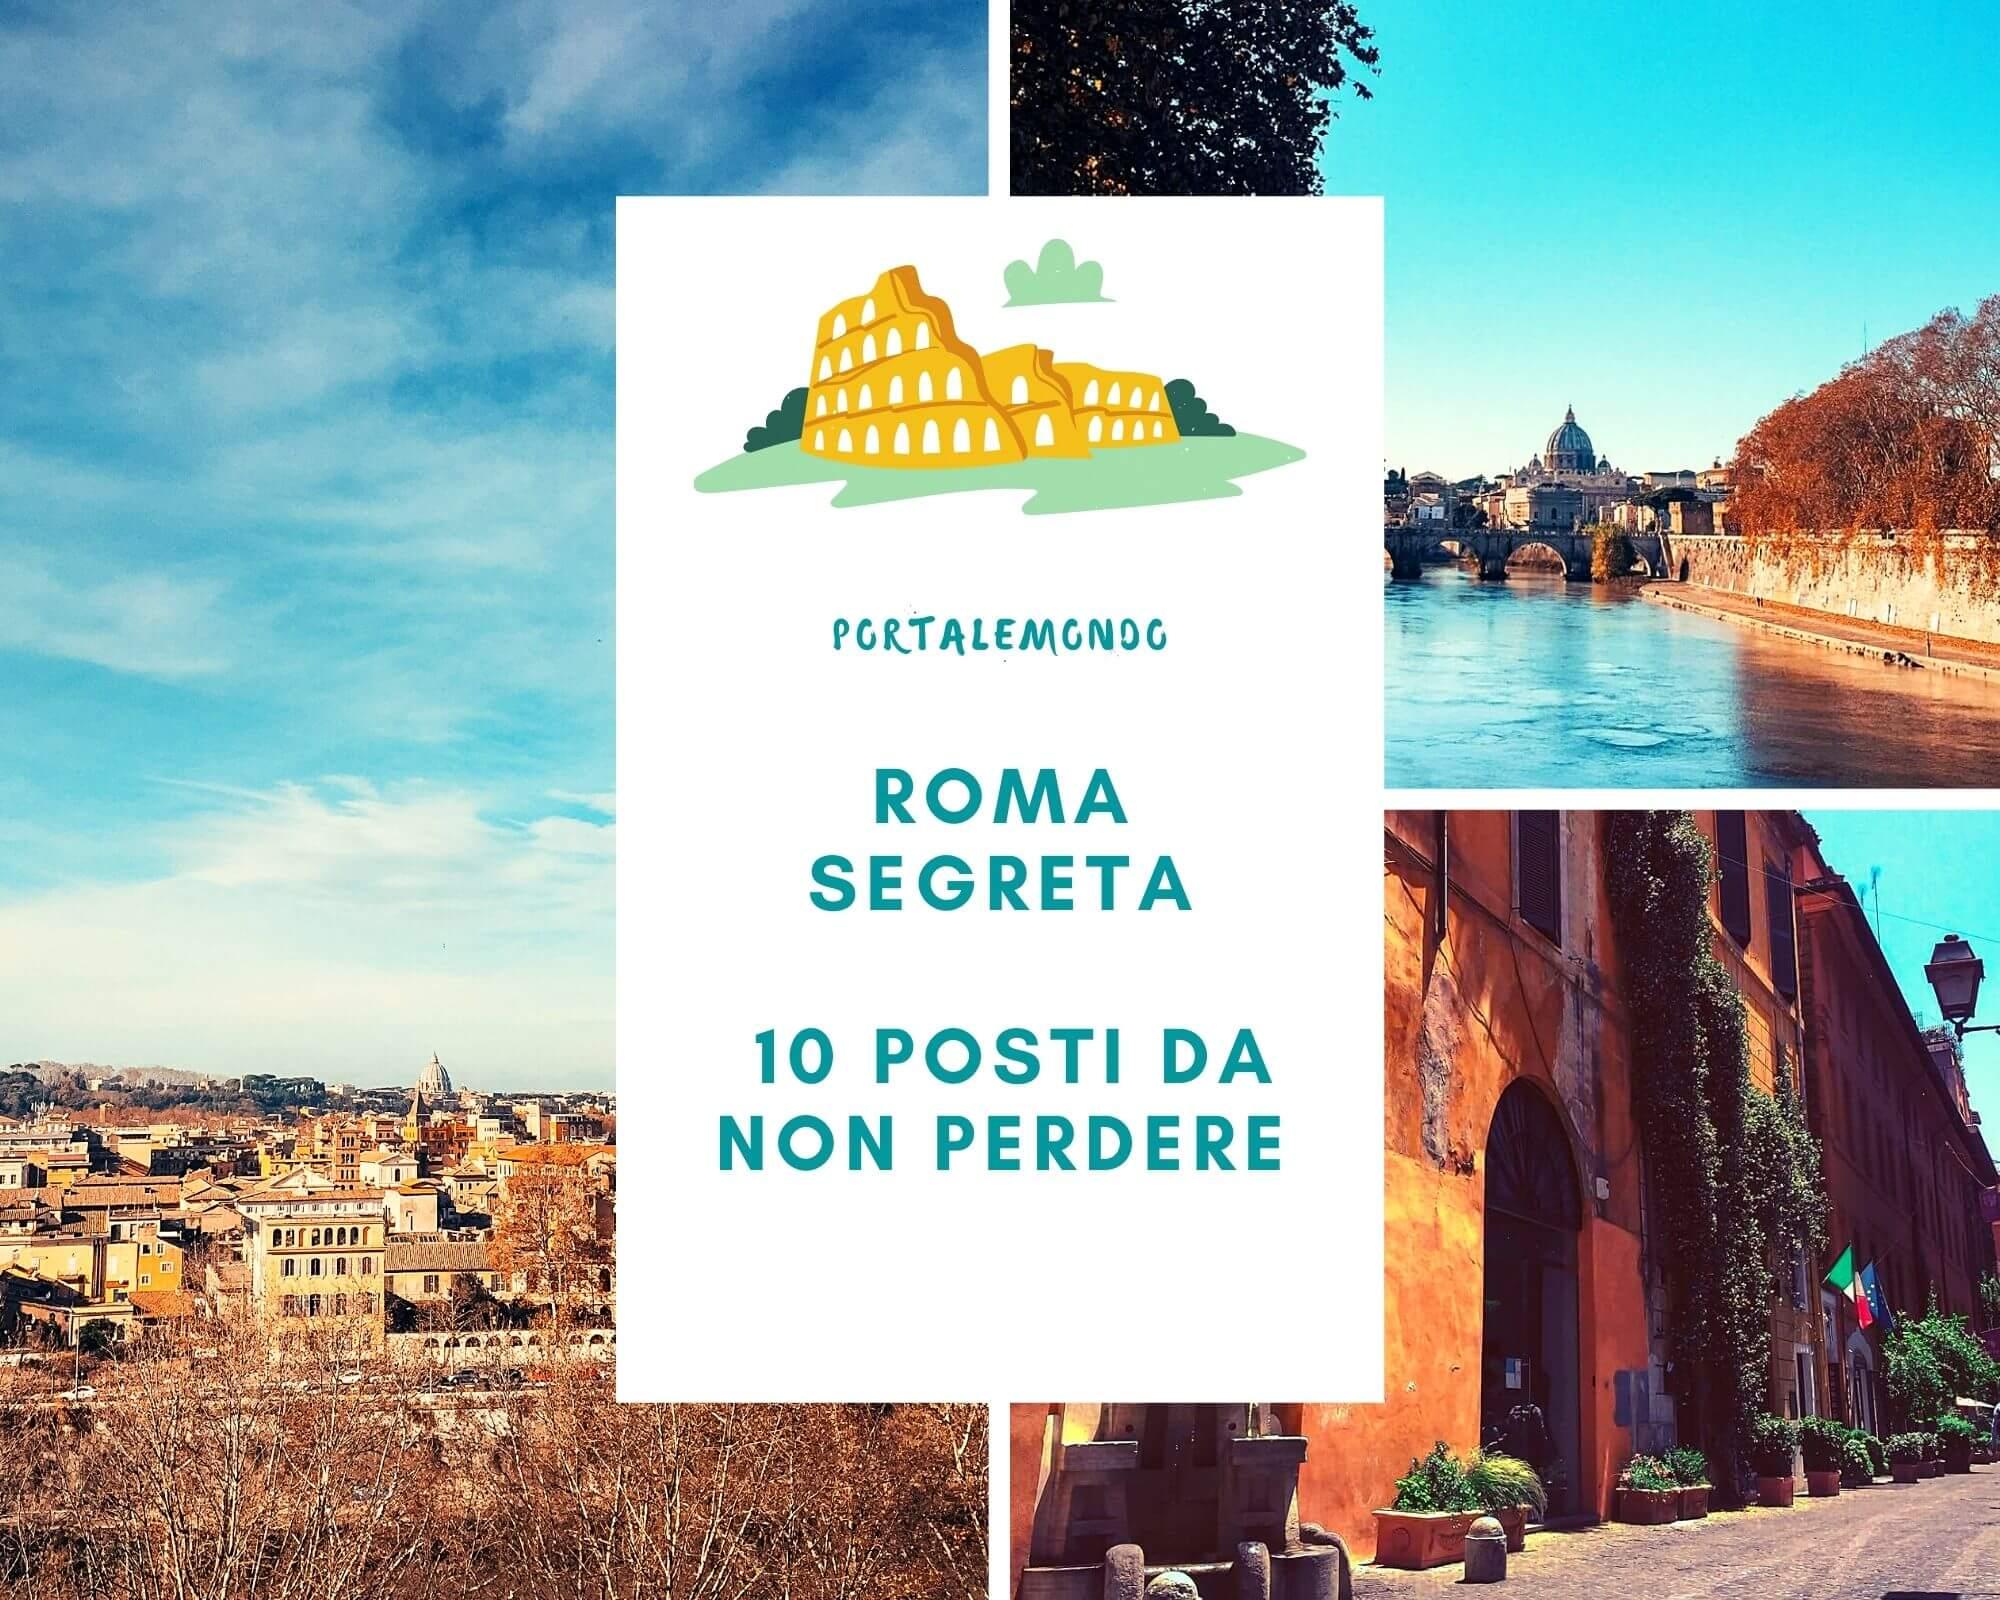 Roma segreta da visitare